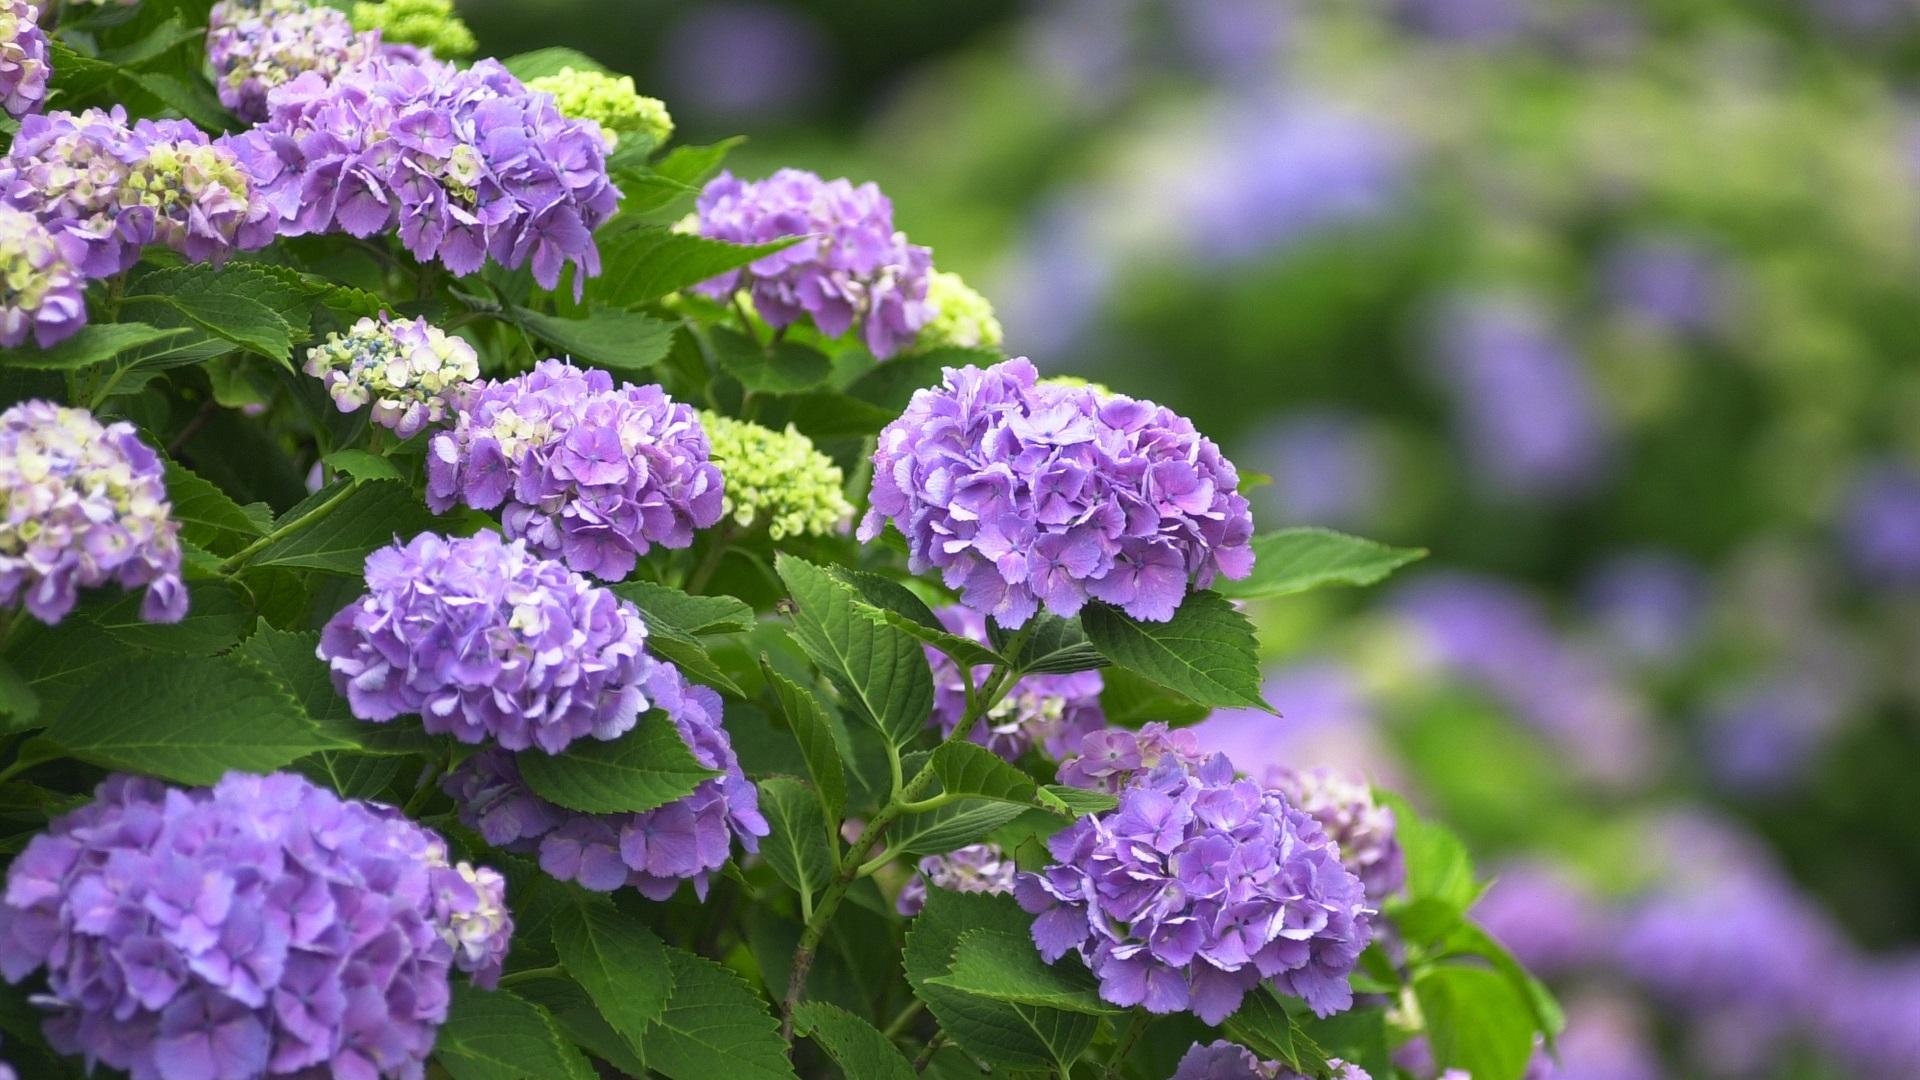 Purple Flowers Hydrangea 640x1136 Iphone 5 5s 5c Se Wallpaper